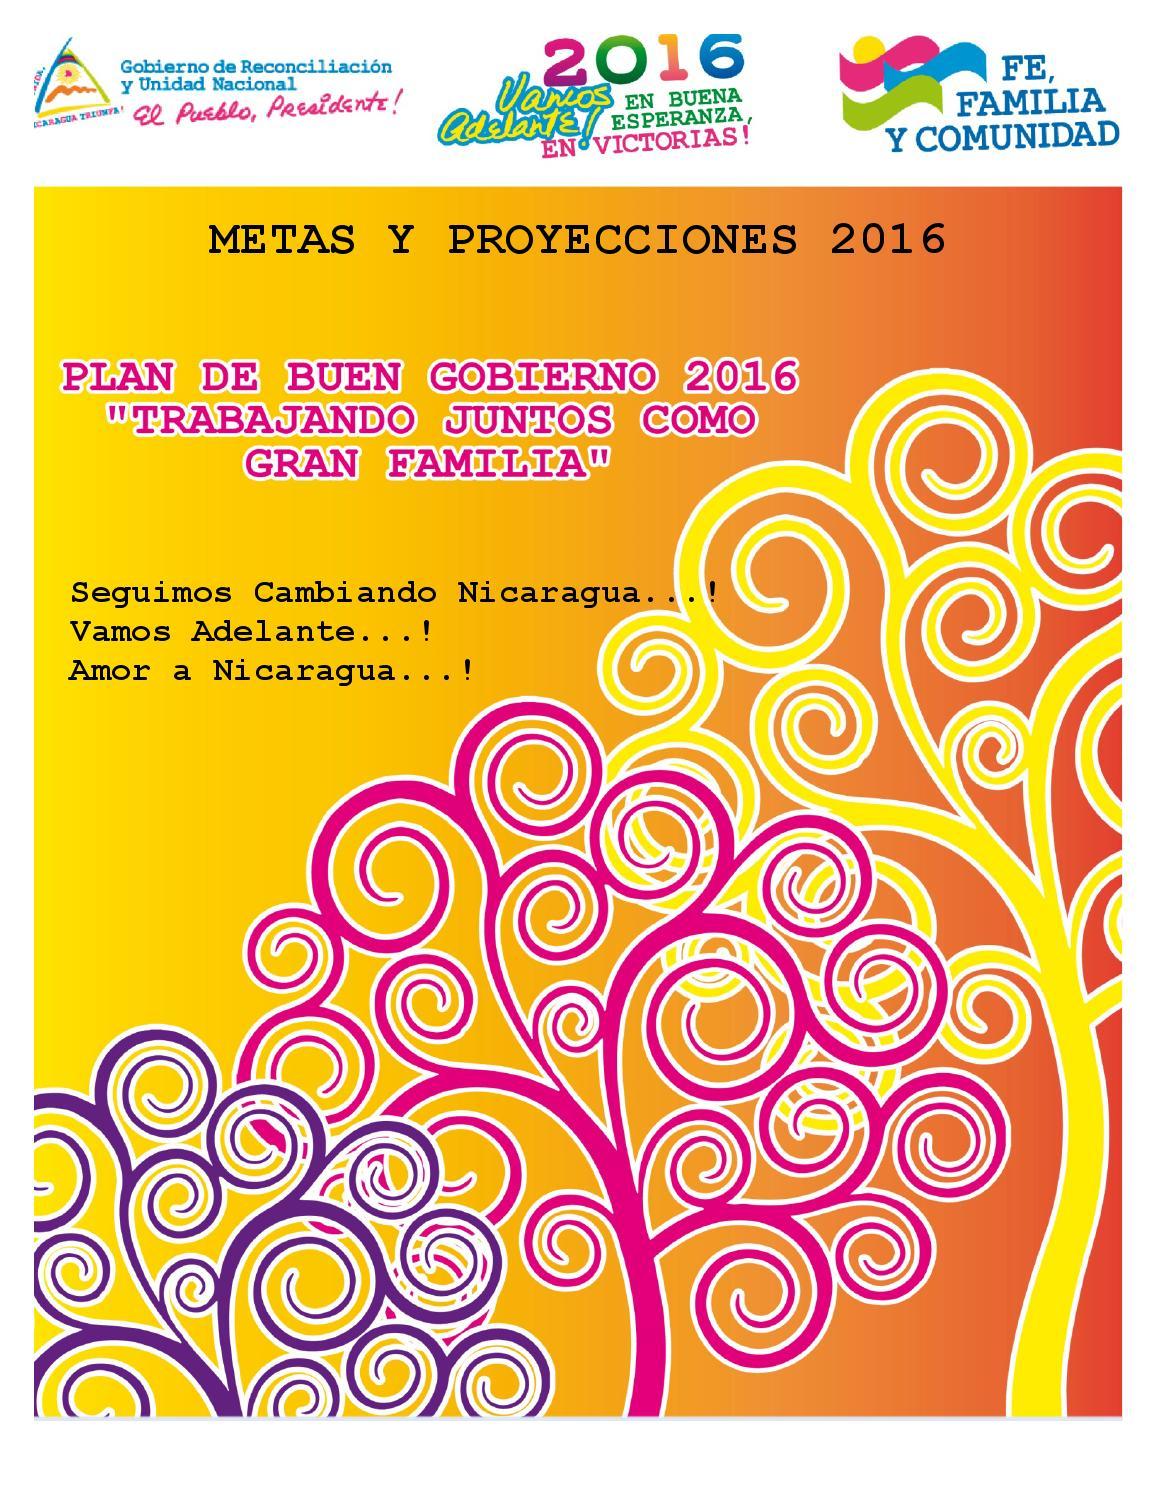 plan de buen gobierno 2016 02 by costa caribe nicaragua